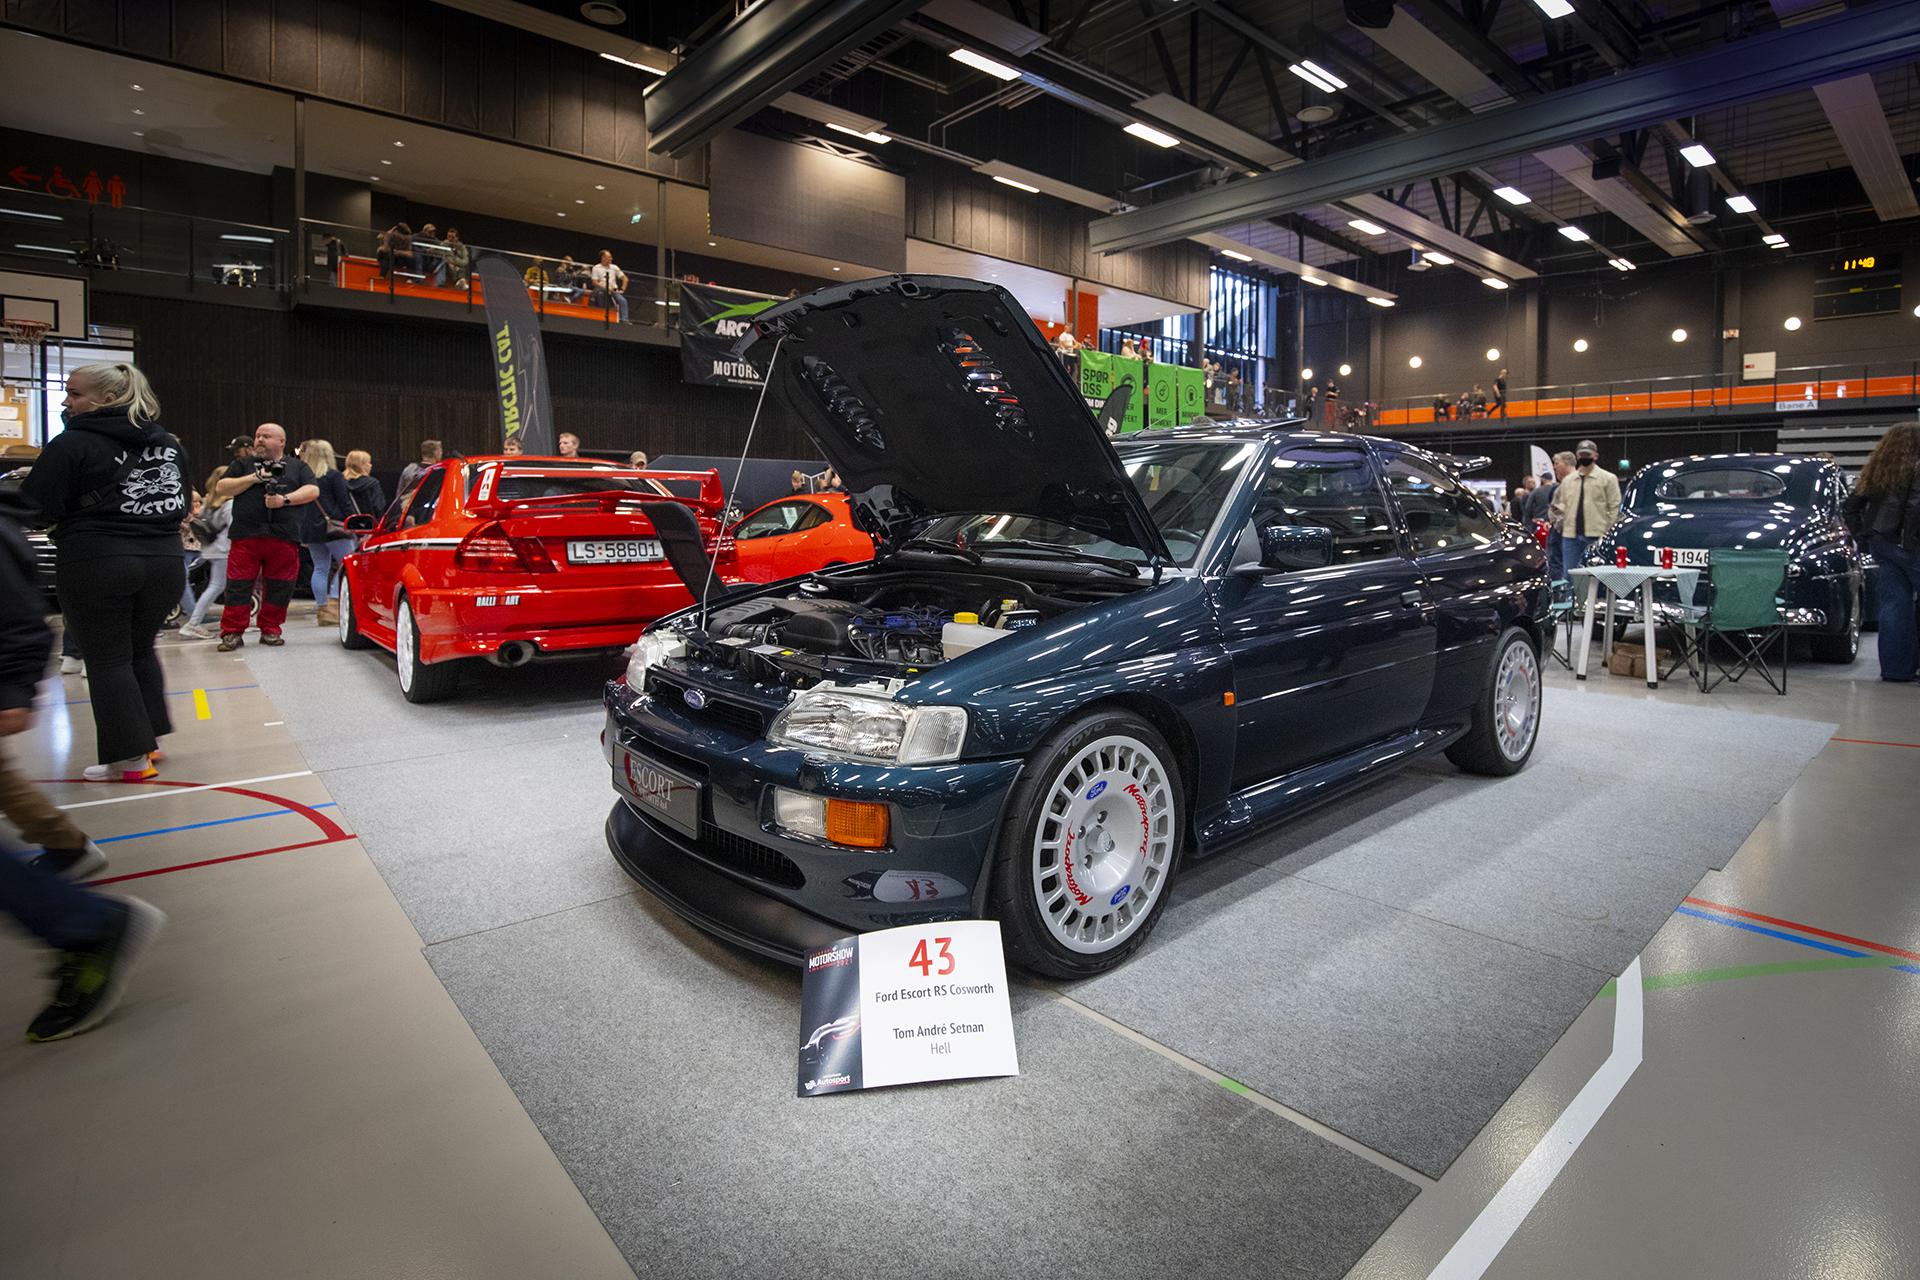 Tom Andre Setnan viste frem sin strøkne Escort RS Cosworth.